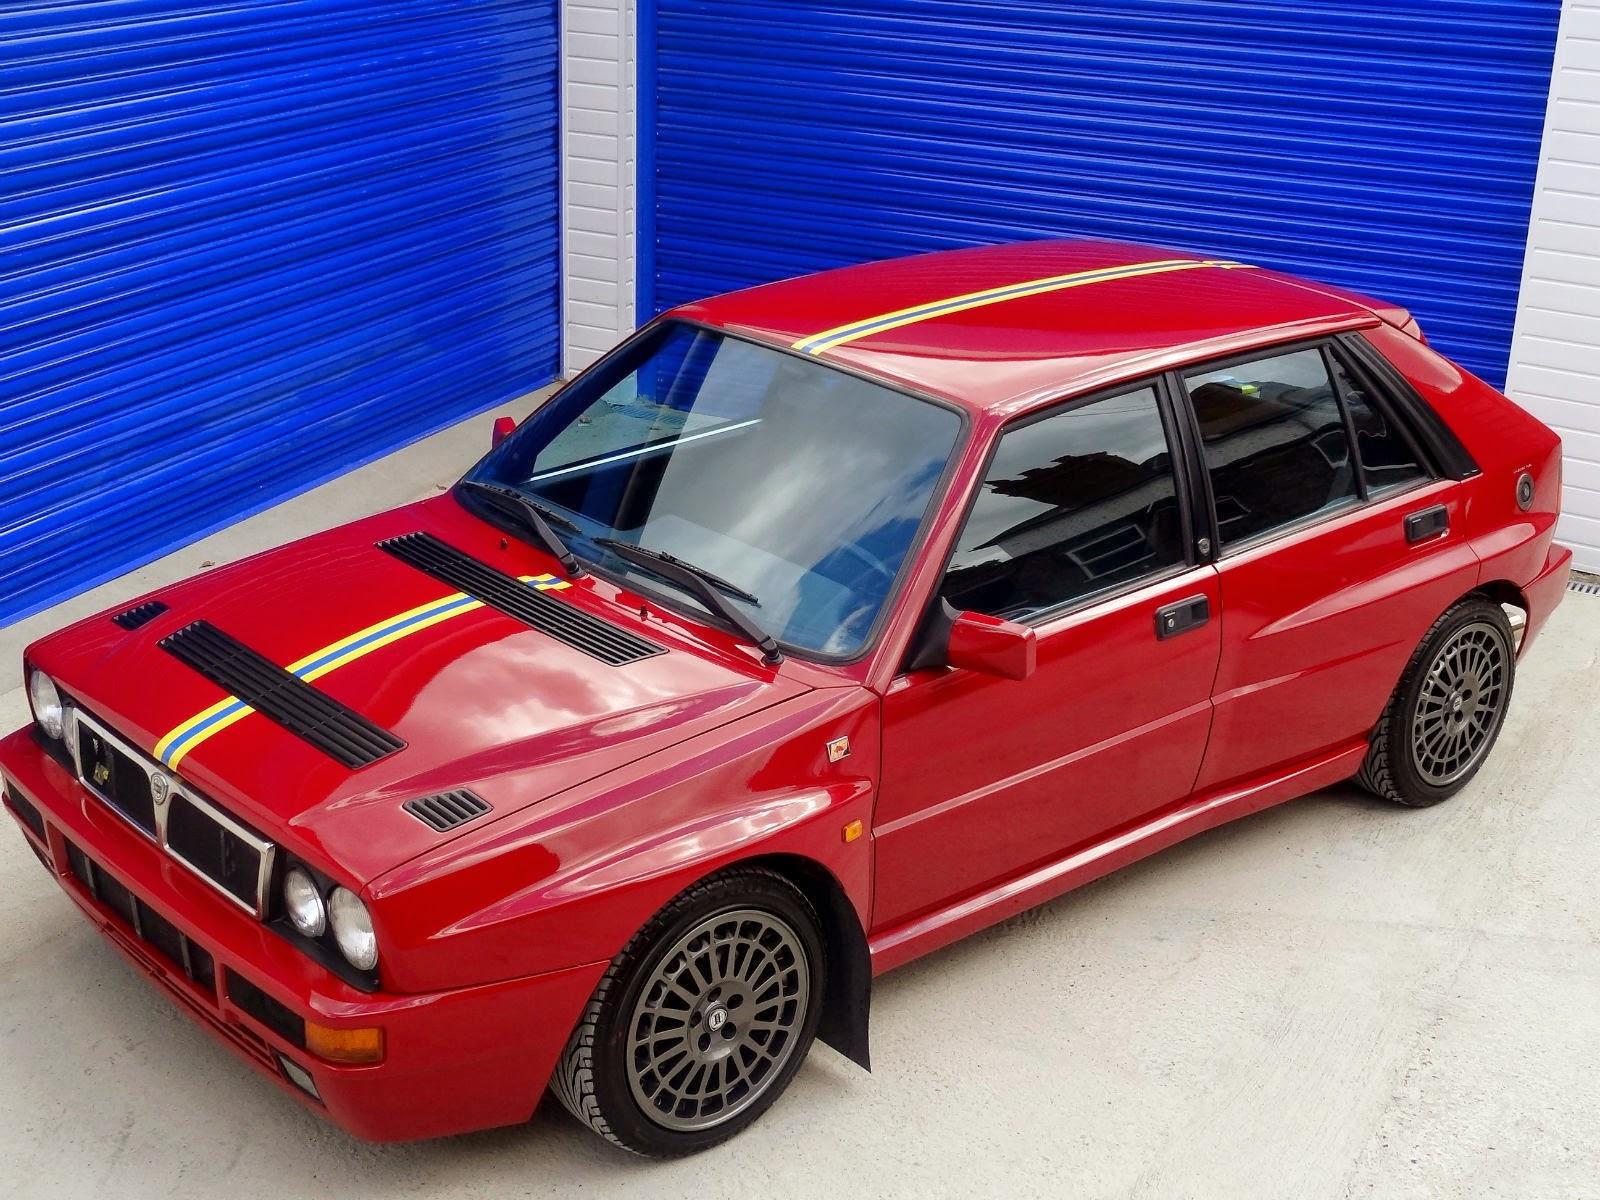 Red Lancia Delta Integrale Evo Ii Final Edition